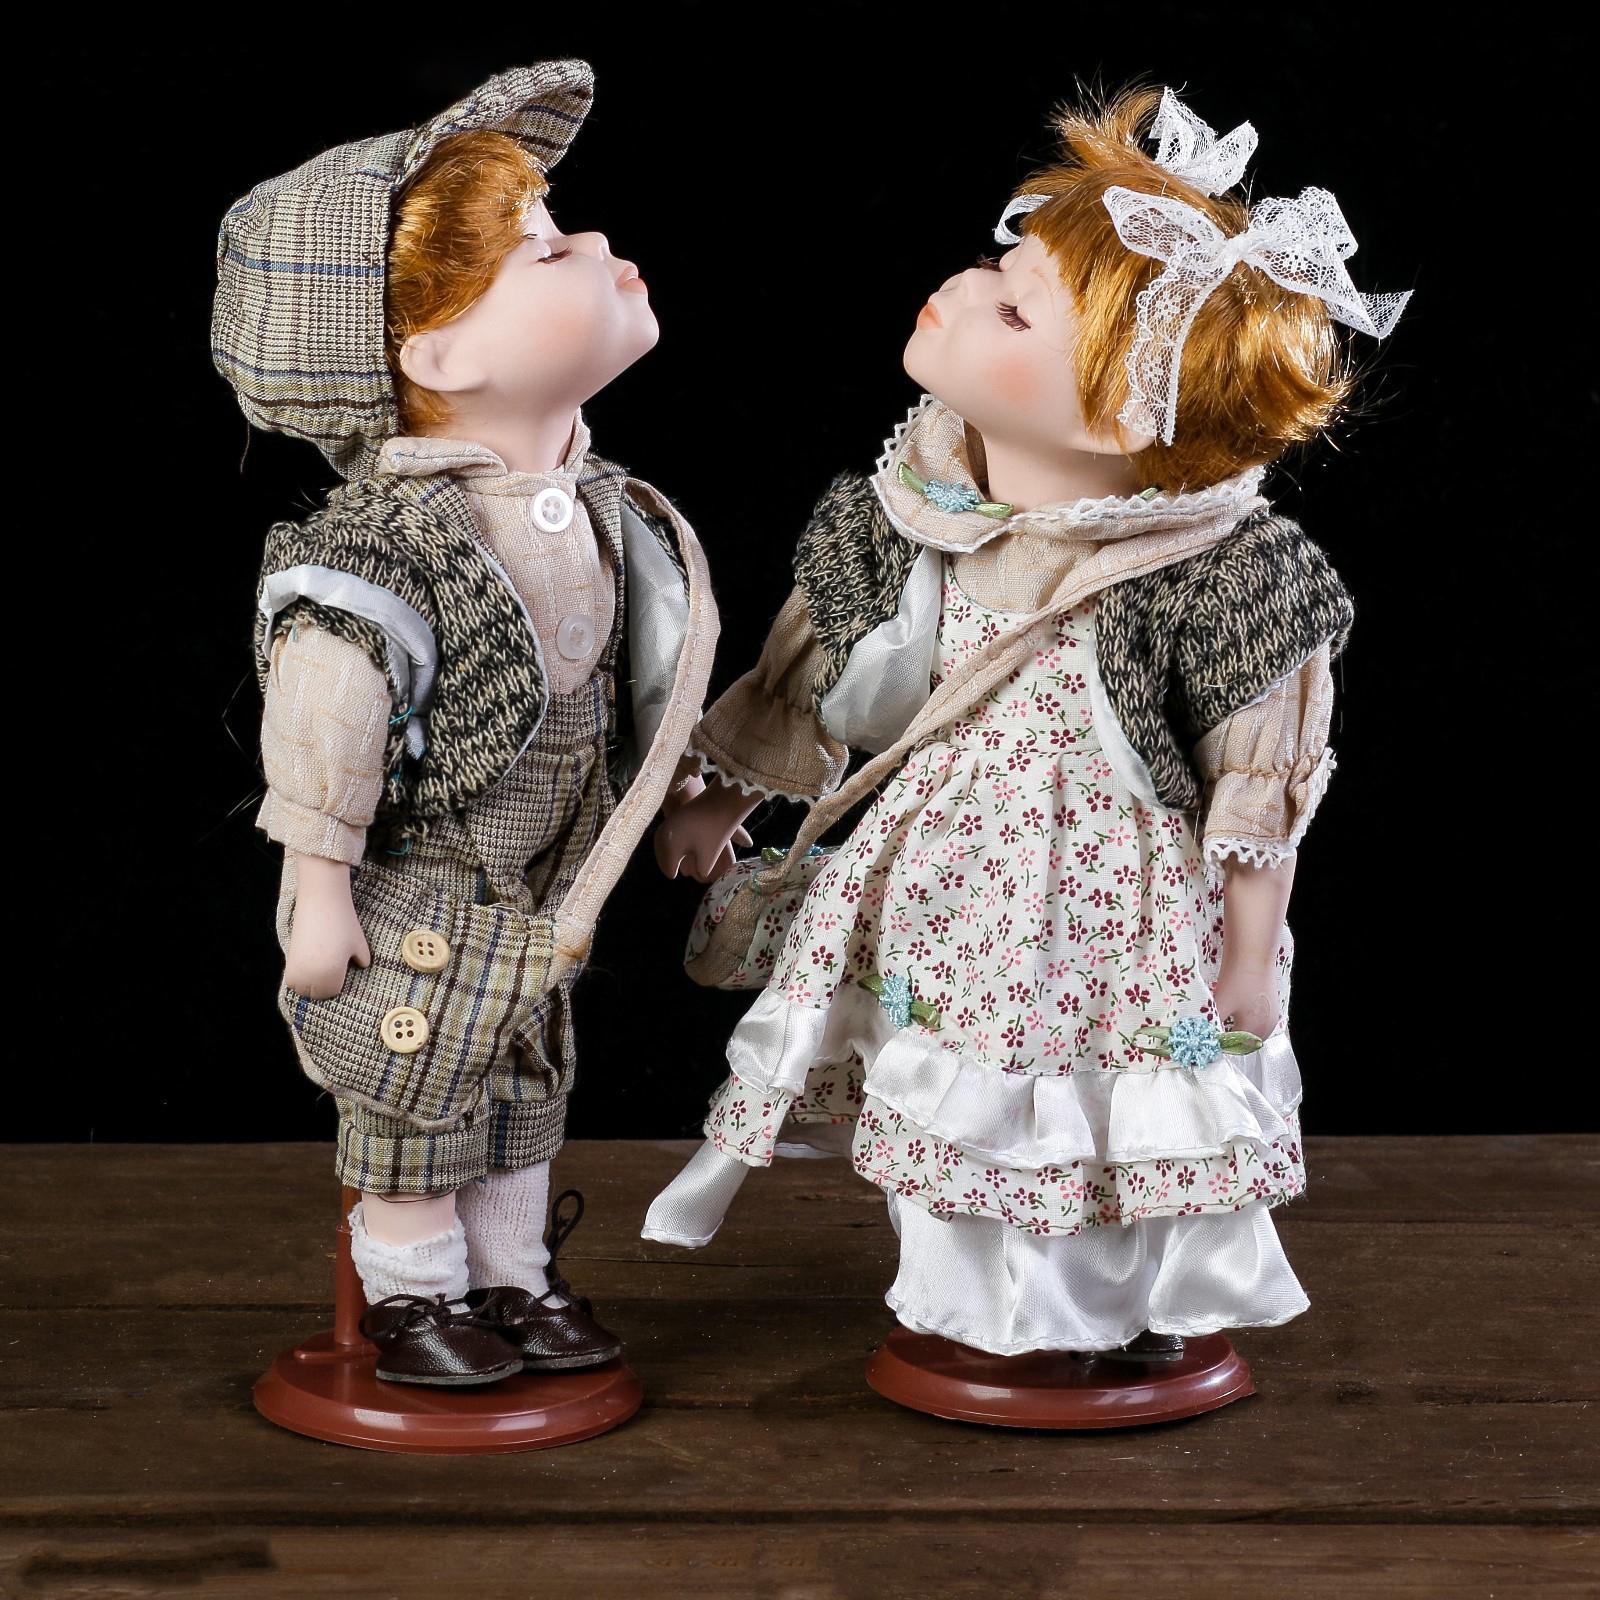 куклы поцелуйчики фото друзья